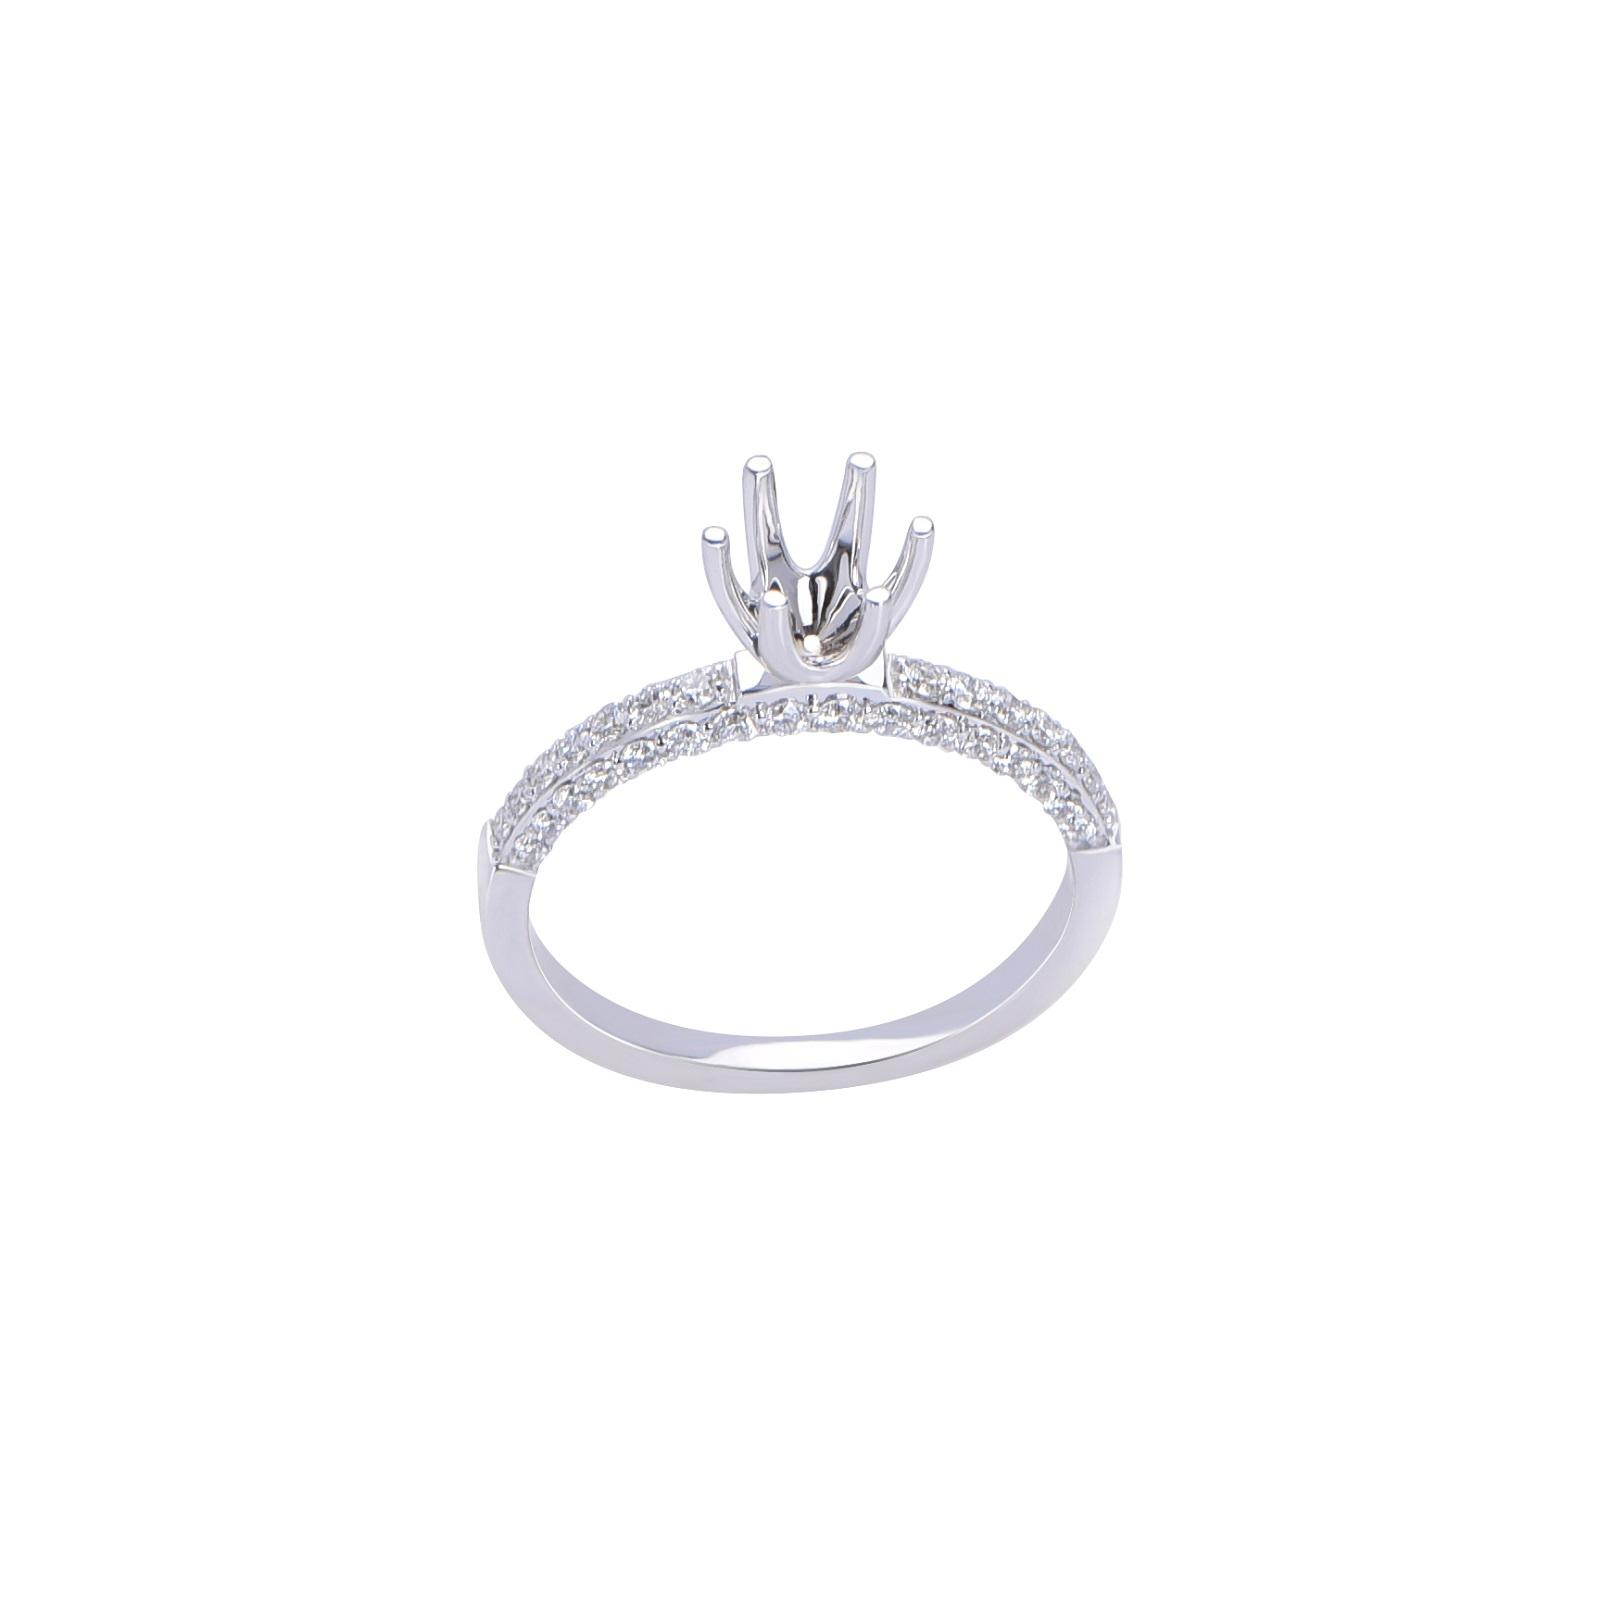 Vỏ nhẫn đá Kim cương 21N076